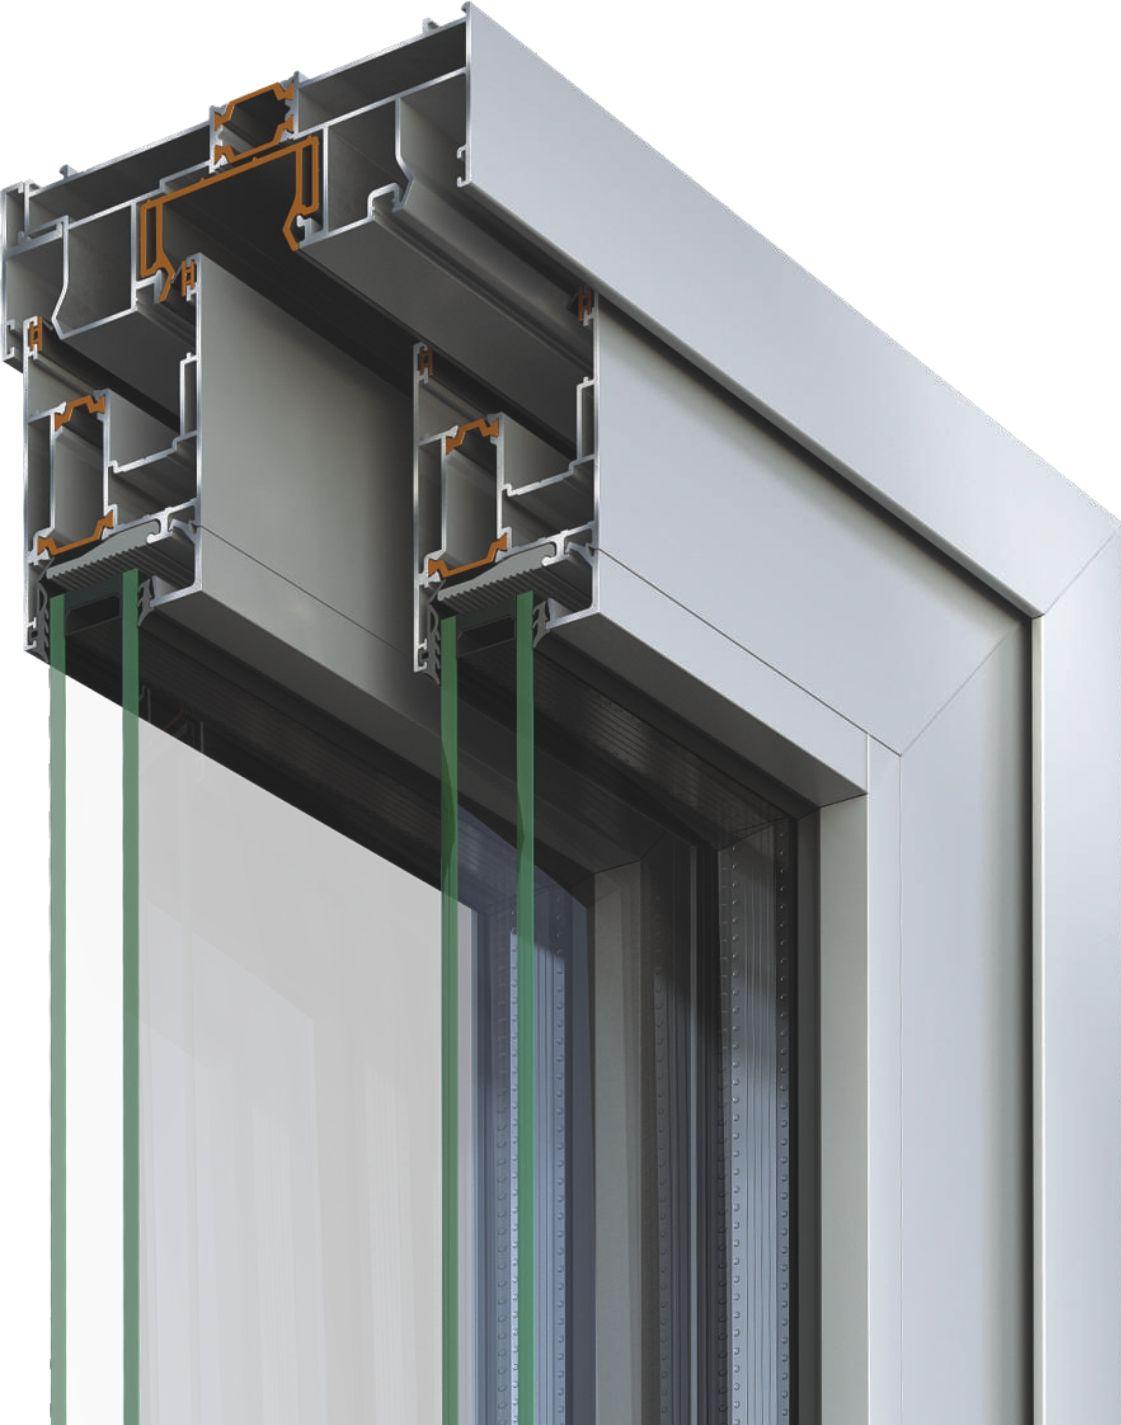 Porta finestra scorrevole smartia s560 collezione smartia - Porta finestra scorrevole esterna ...